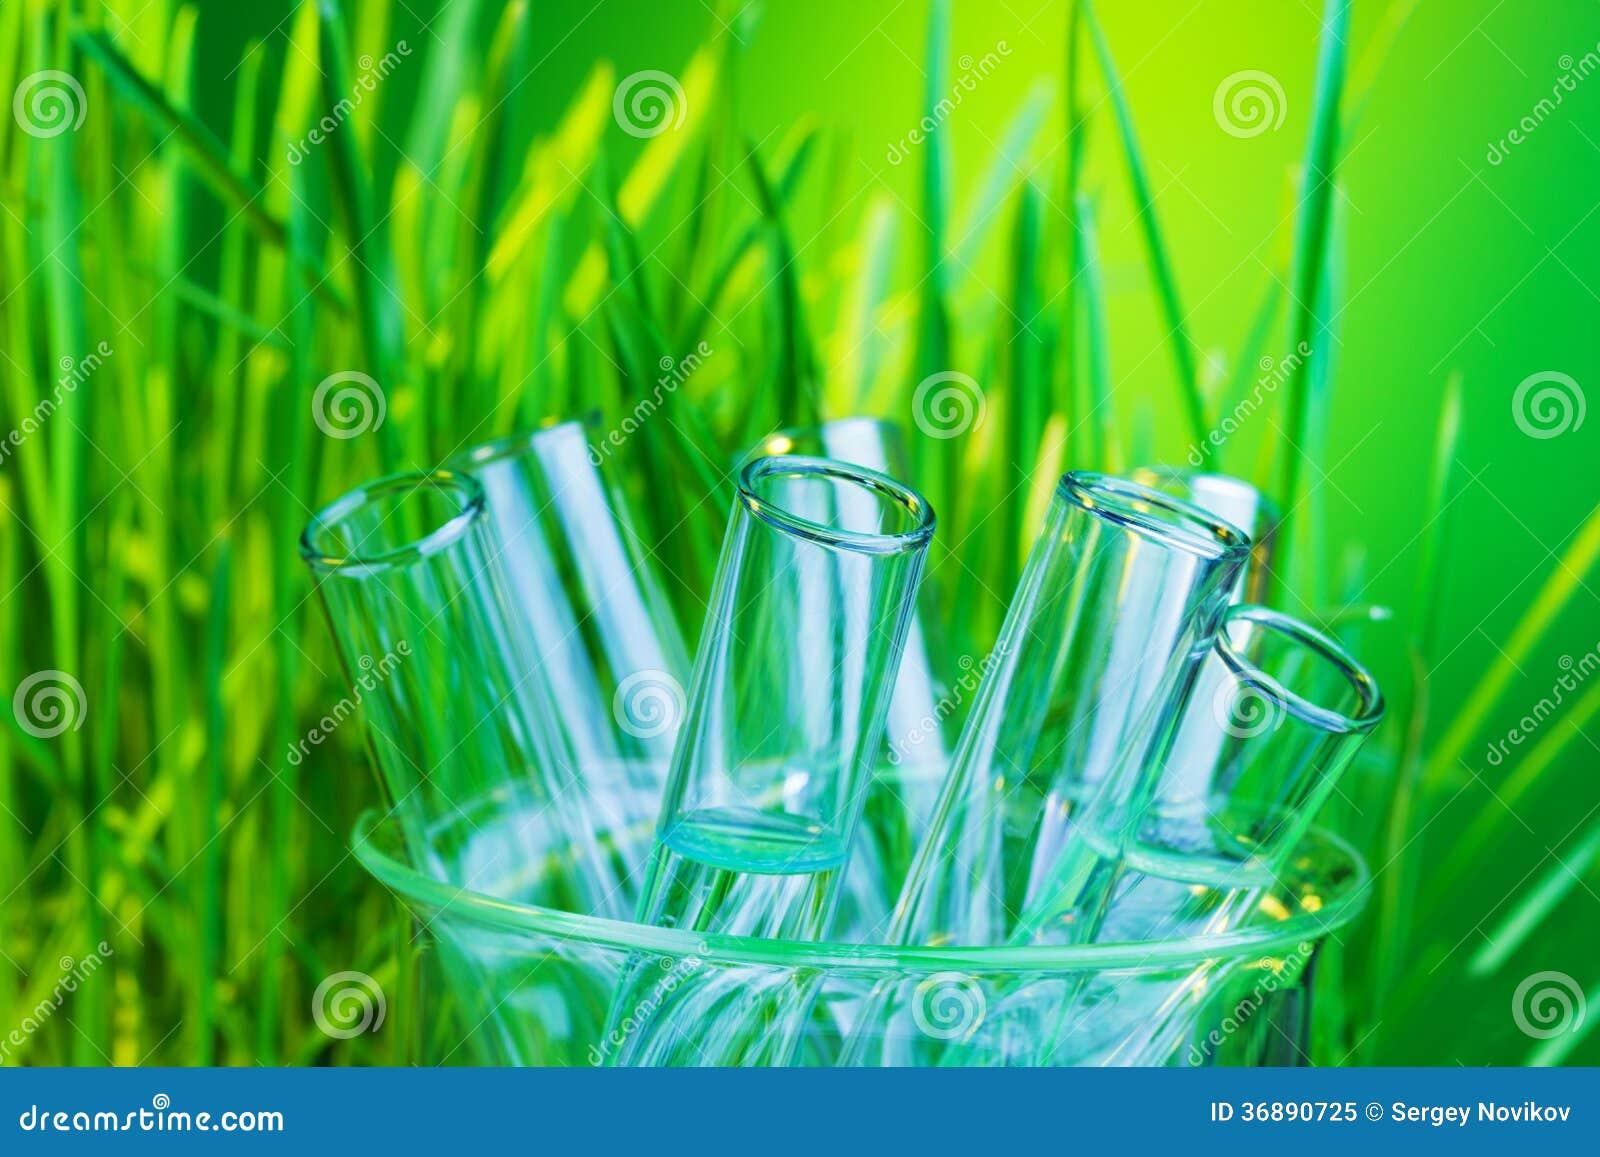 Download Bio- laboratorio immagine stock. Immagine di analizzi - 36890725